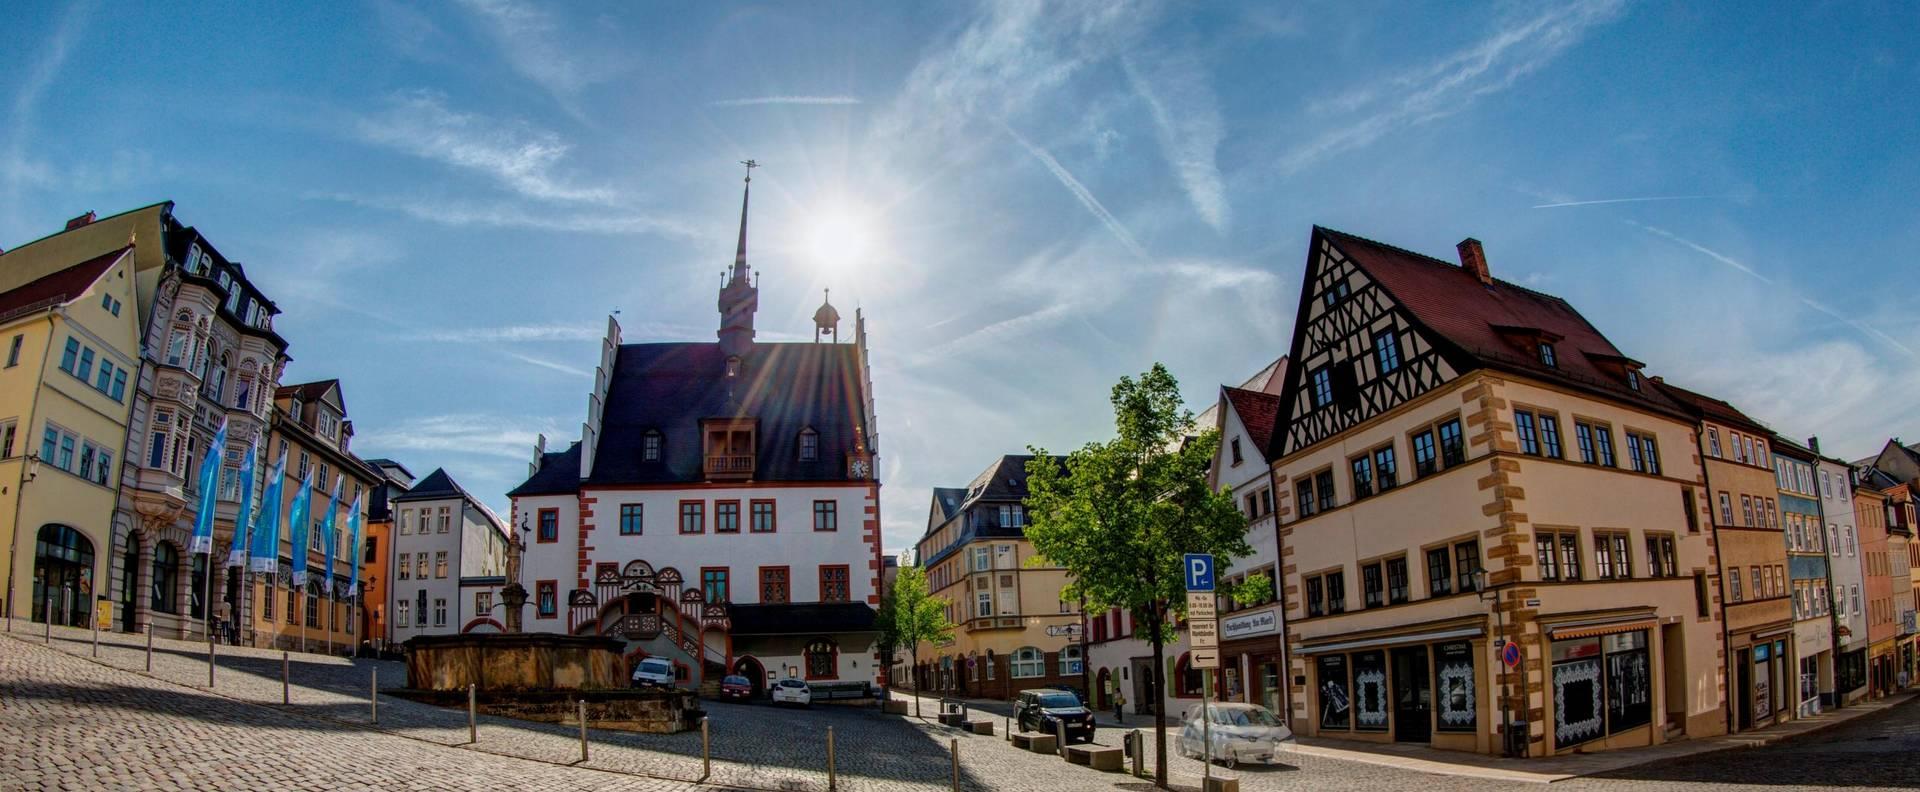 rathaus+markt foto jahn 2018 ©FotoStudio Jahn Pößneck